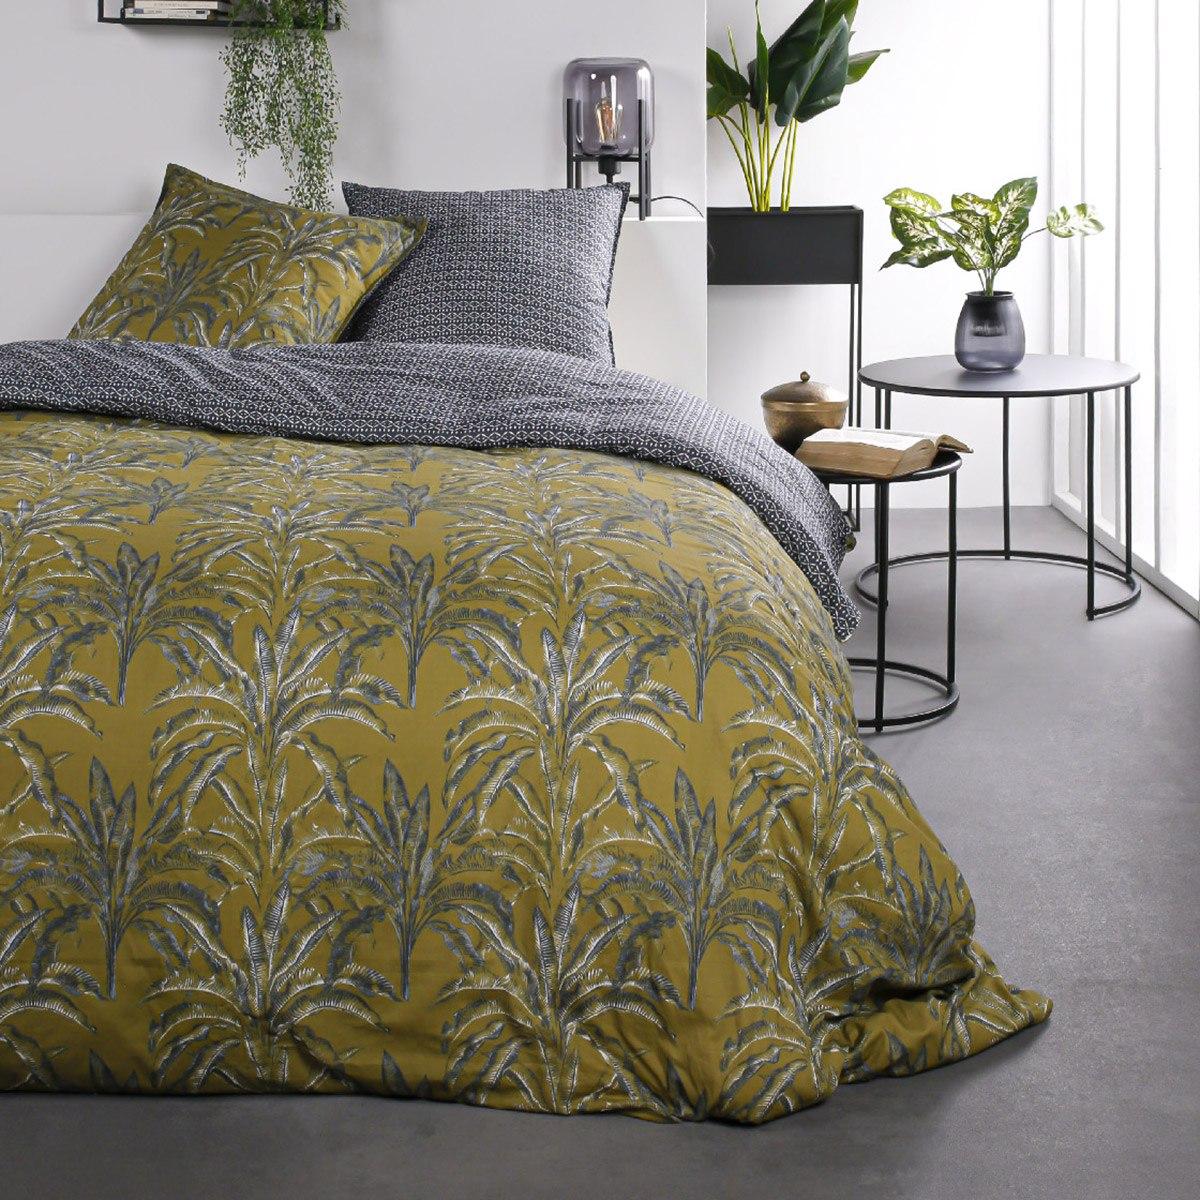 Parure de lit 2 personnes imprimé jungle en Coton Marron 240x260 cm